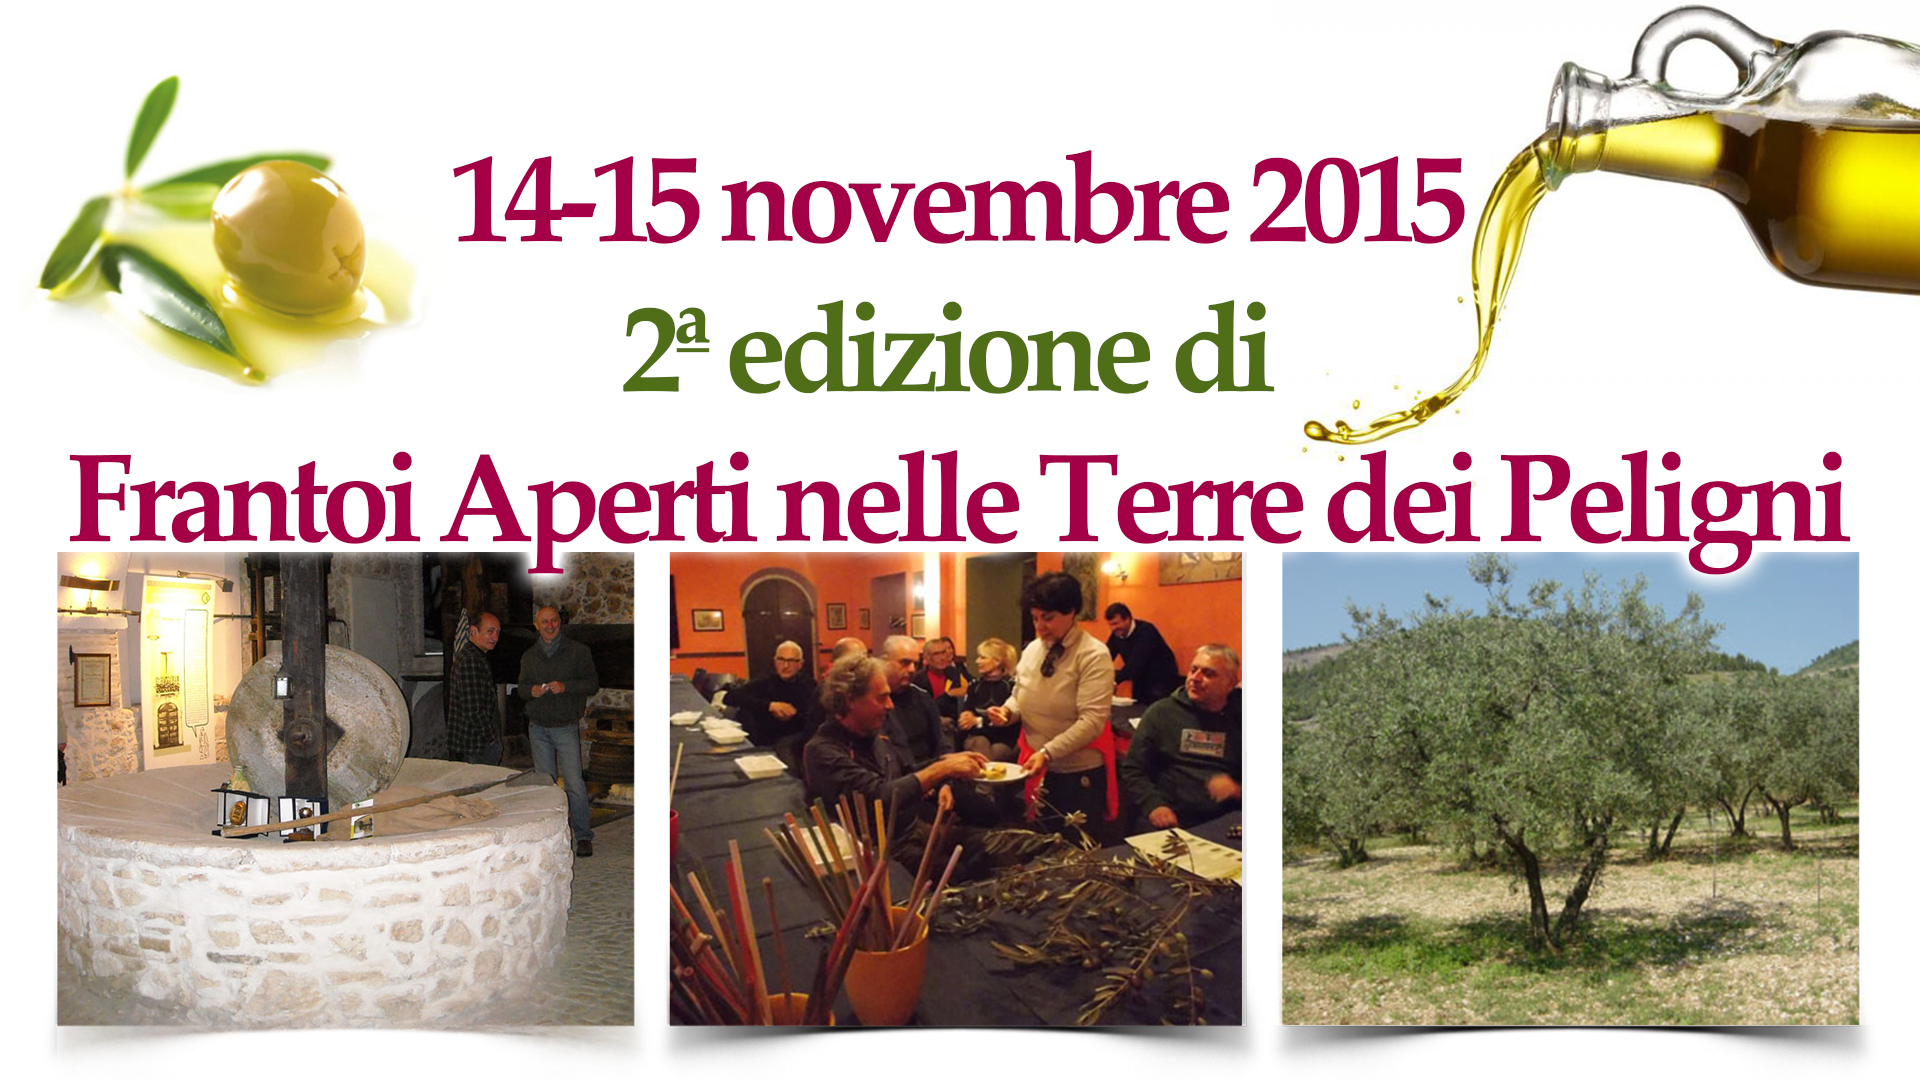 2ª edizione_Frantoi Aperti_nelle Terre dei Peligni_home